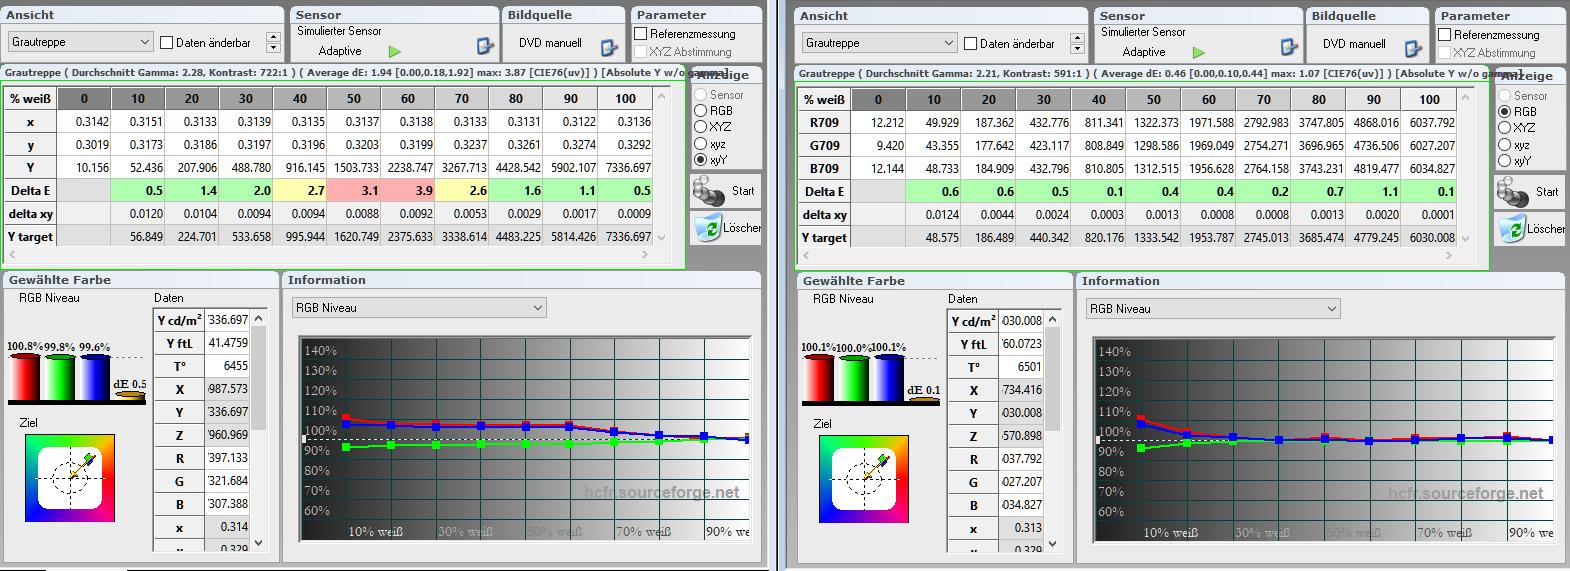 Tabelle Graustufenverlauf/Farbtemperatur In der Werkseinstellung (links) ist bereits gut zu sehen, dass die Delta-E-Werte durchweg ordentlich ausfallen. Das RGB-Niveau ist mit rund 100% sogar absolut vorbildlich von Acer implementiert. Nach der Kalibrierung (rechts) sind alle Delta-E-Werte mit < 0,8 buchstäblich im grünen Bereich. Besser geht es kaum noch.